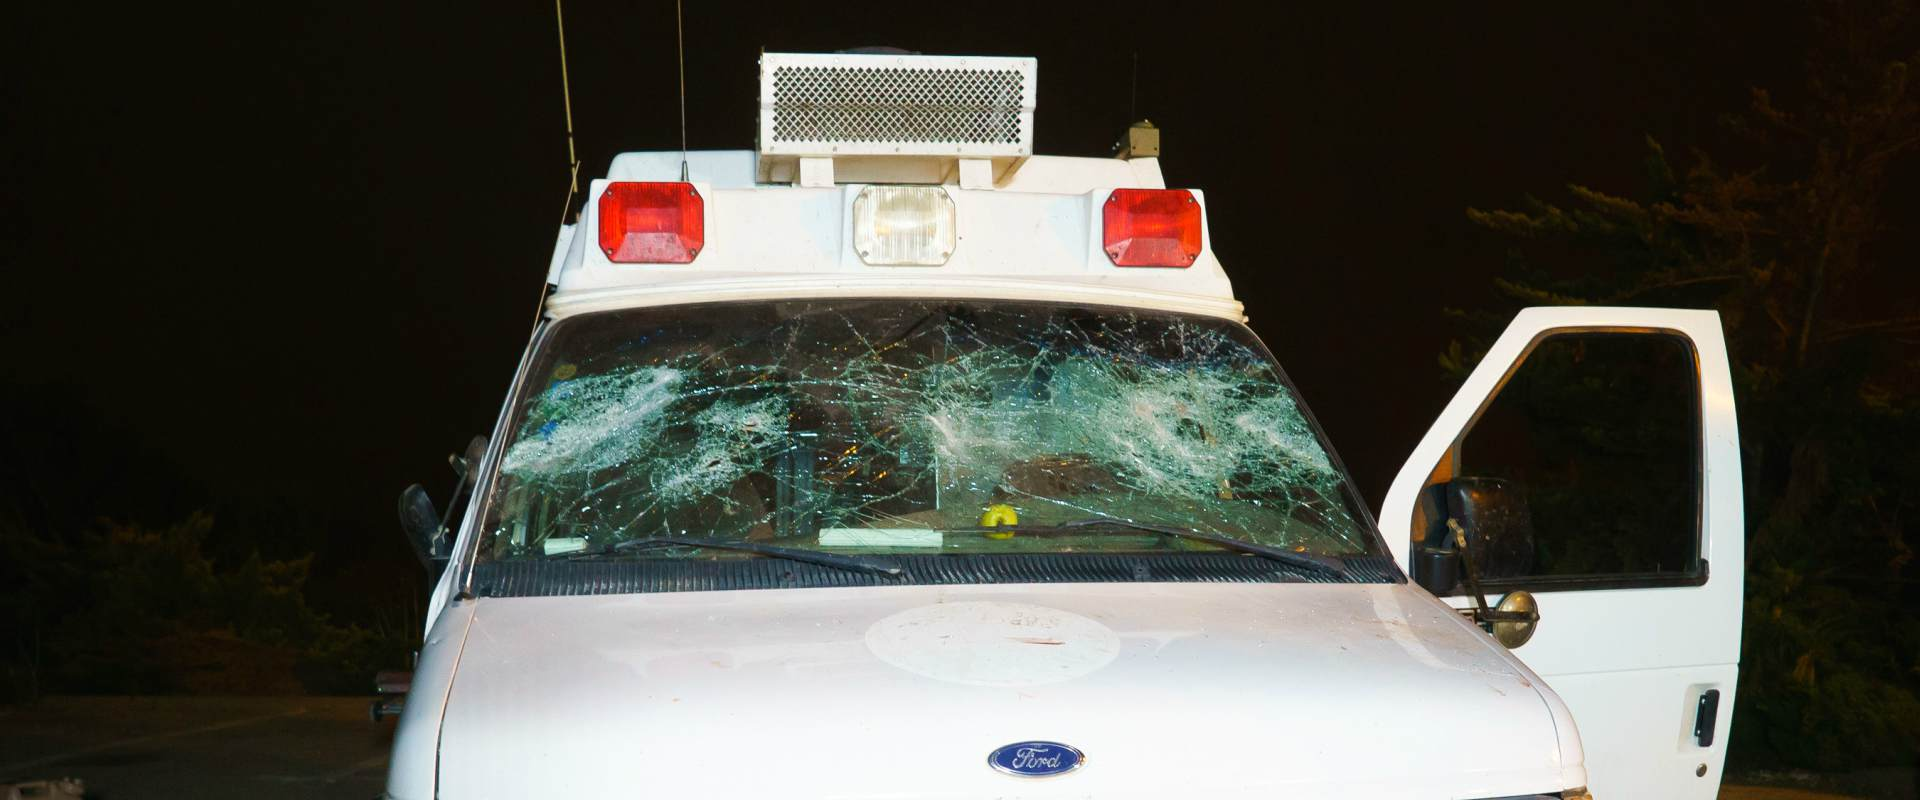 האמבולנס הצבאי שהותקף יום לאחר מכן במג'דל שמס